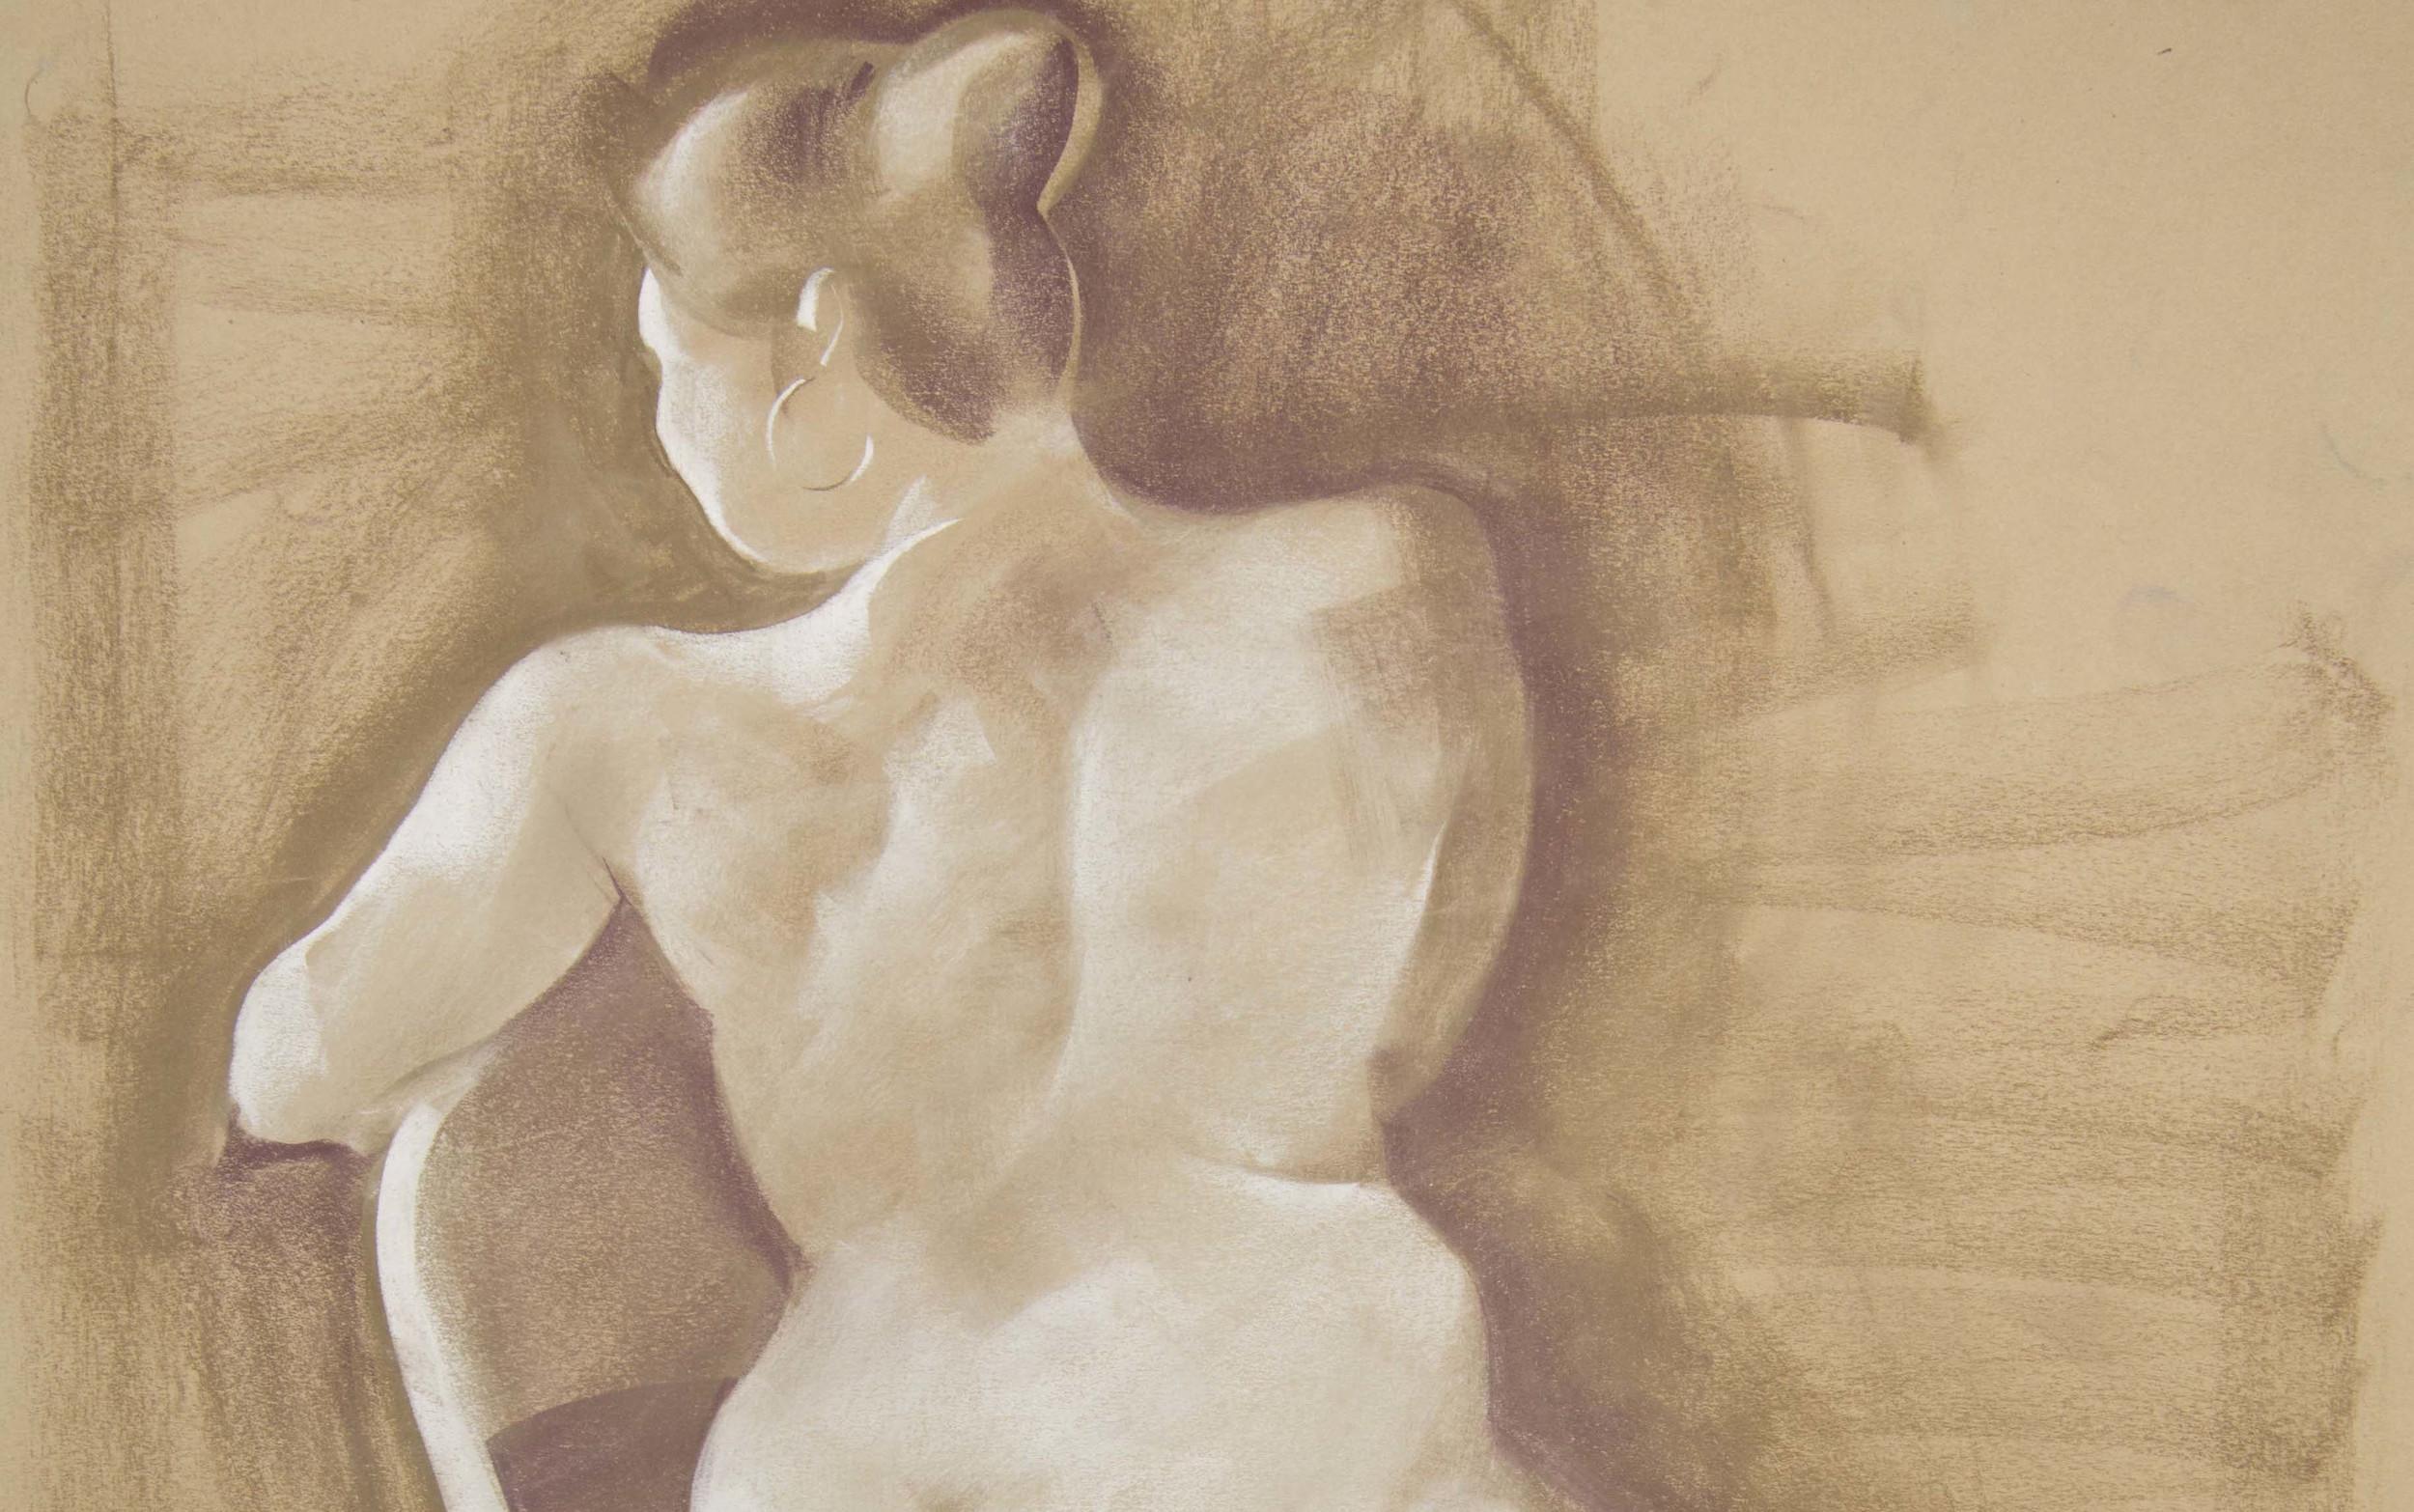 Figure by George Cwirko.